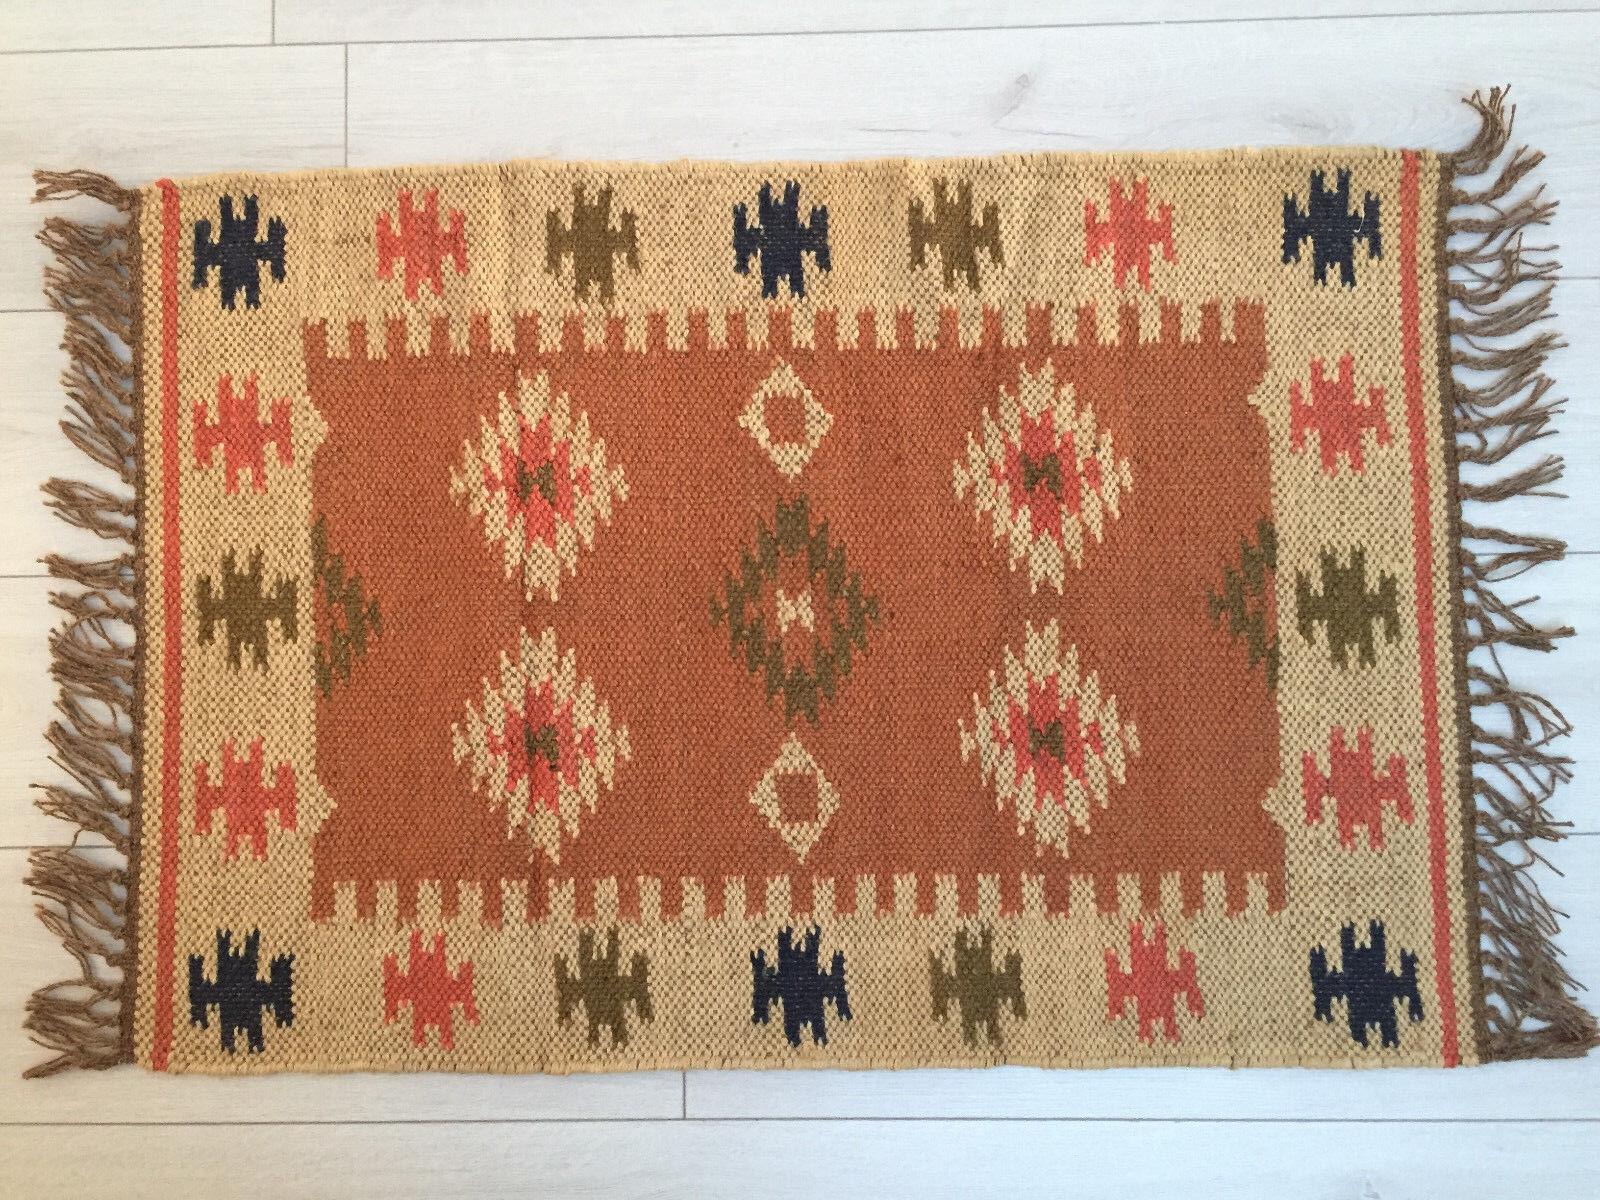 Piccolo Kilim Tappeto di Lana Iuta Iuta Iuta Indiano 60x90cm 0.6x0.9m Kelim Arancione 91ef97